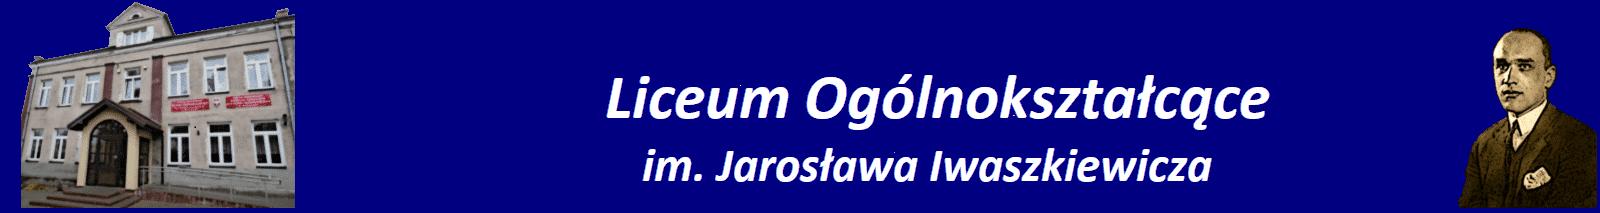 Liceum Ogólnokształcące im.Jarosława Iwaszkiewicza w Nasielsku